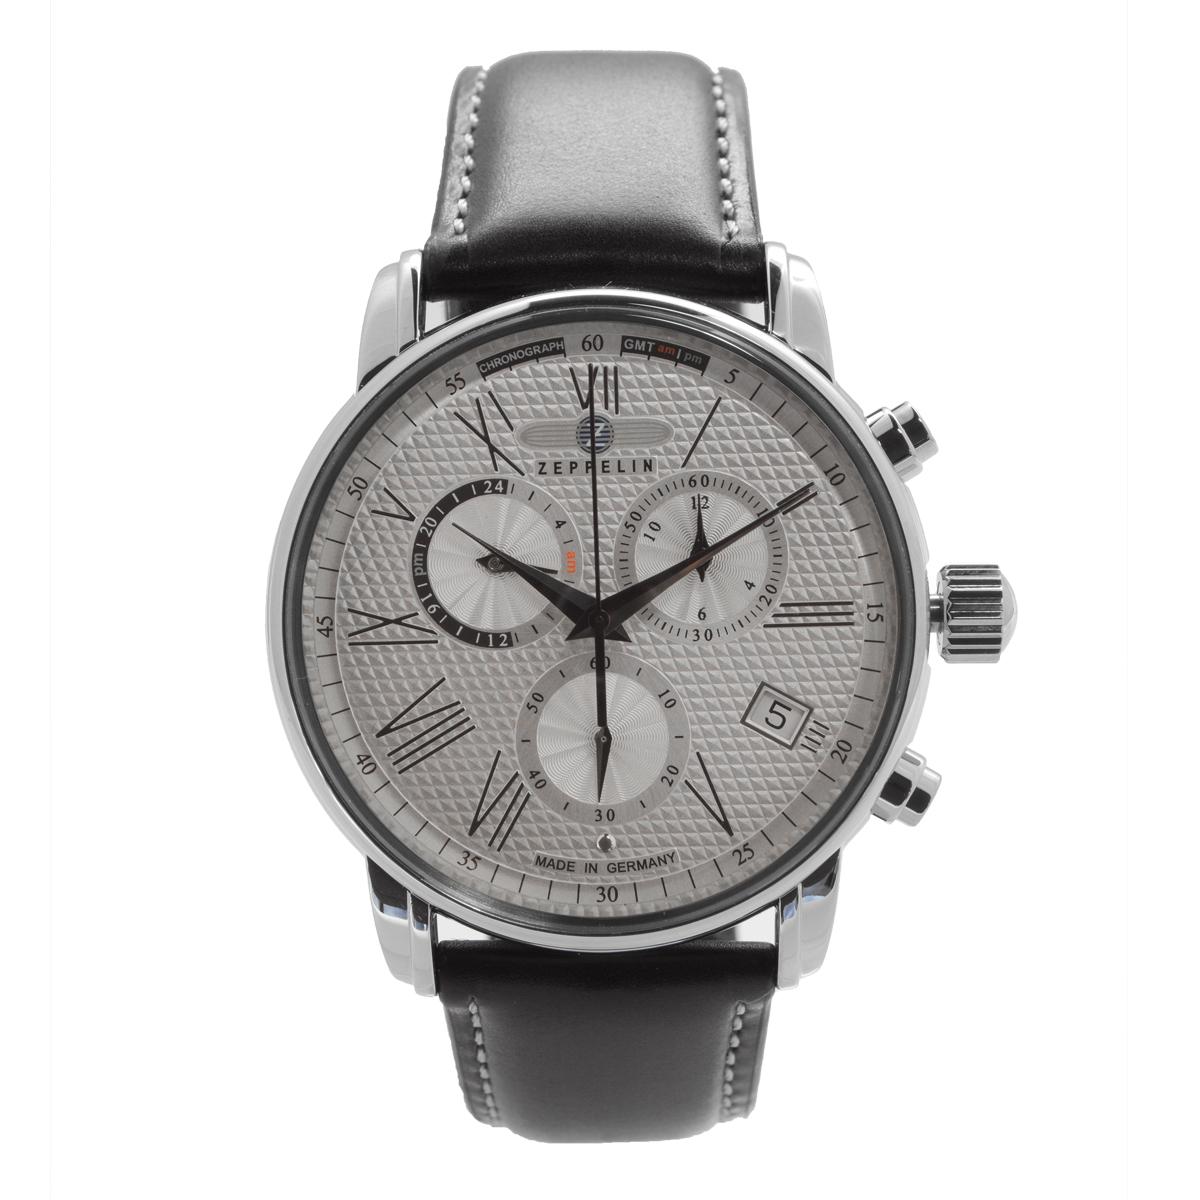 【全品送料無料】 ZEPPELIN ツェッペリン 100周年記念モデル グリーンツェッペリン クロノグラフ アラーム 7694-4 メンズ 時計 腕時計 プレゼント ギフト 贈り物[あす楽]